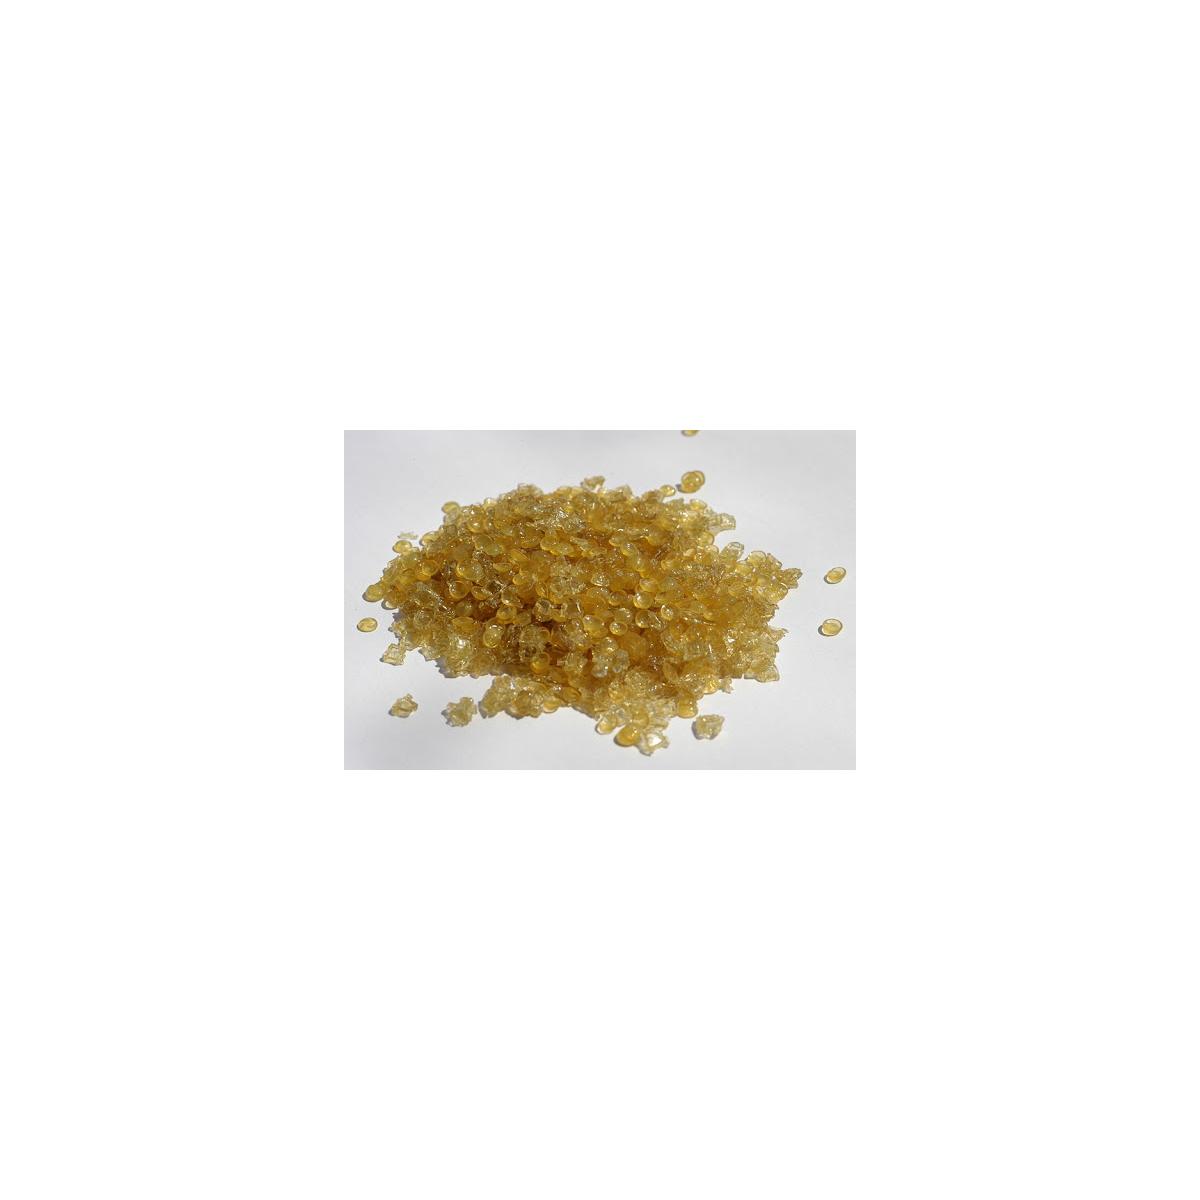 Cola de conejo en forma granulada de color dorado.  Se estrae del colageno de la piel y huesos de conejo, utilizada desde hac